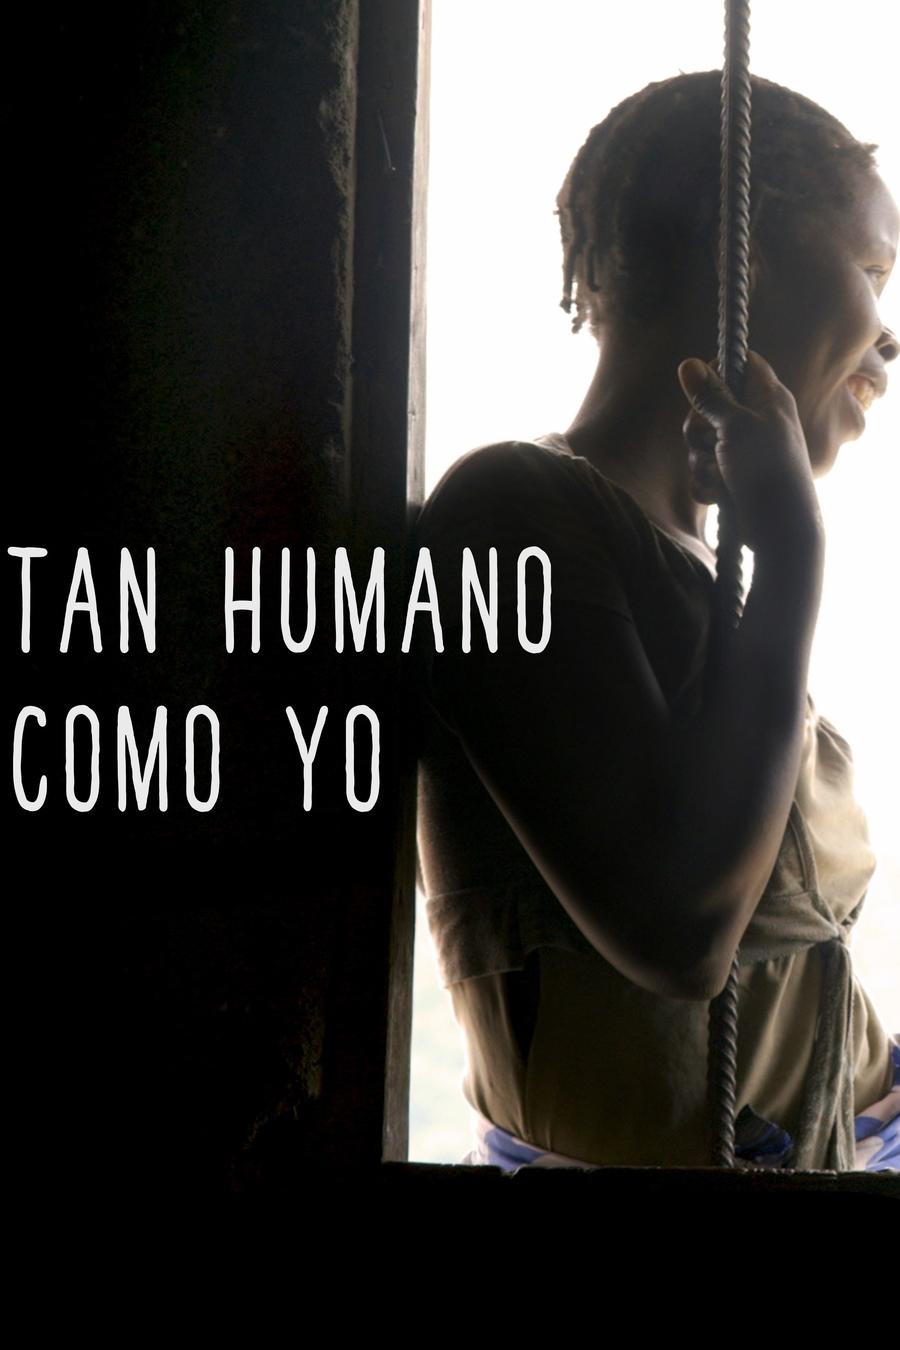 Tan humano como yo